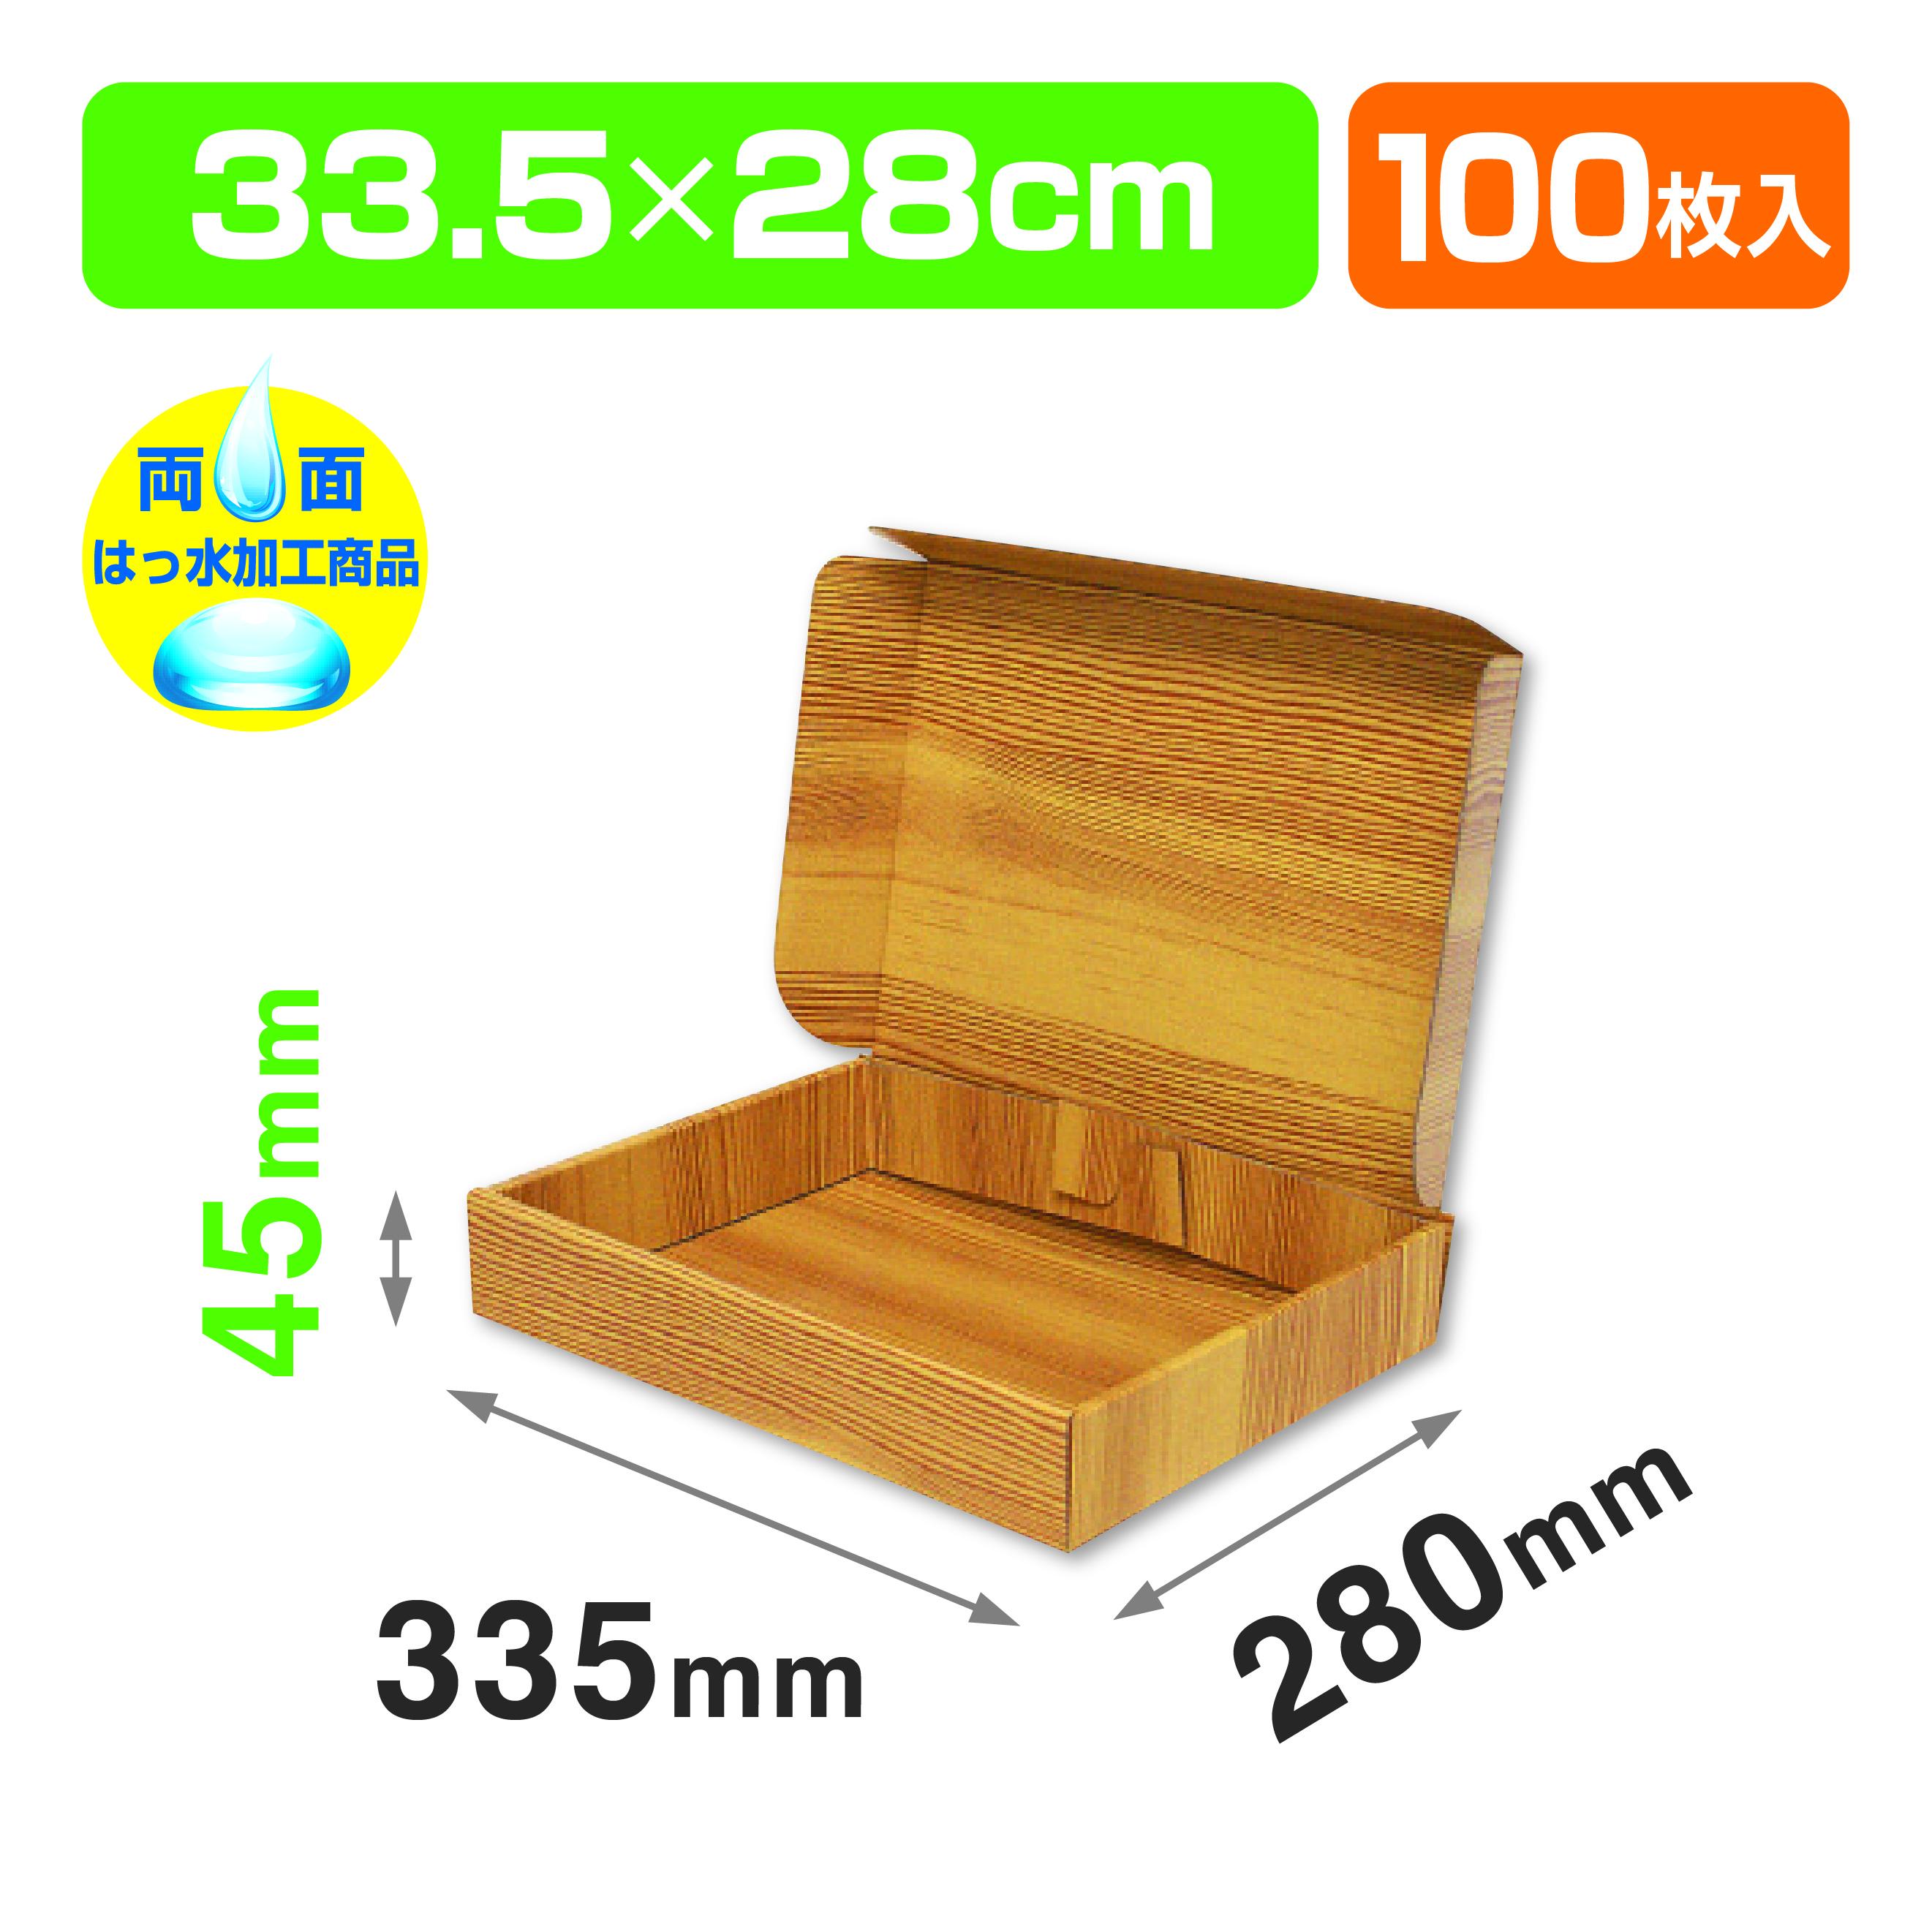 肉の宅配箱4(汎用宅配箱)